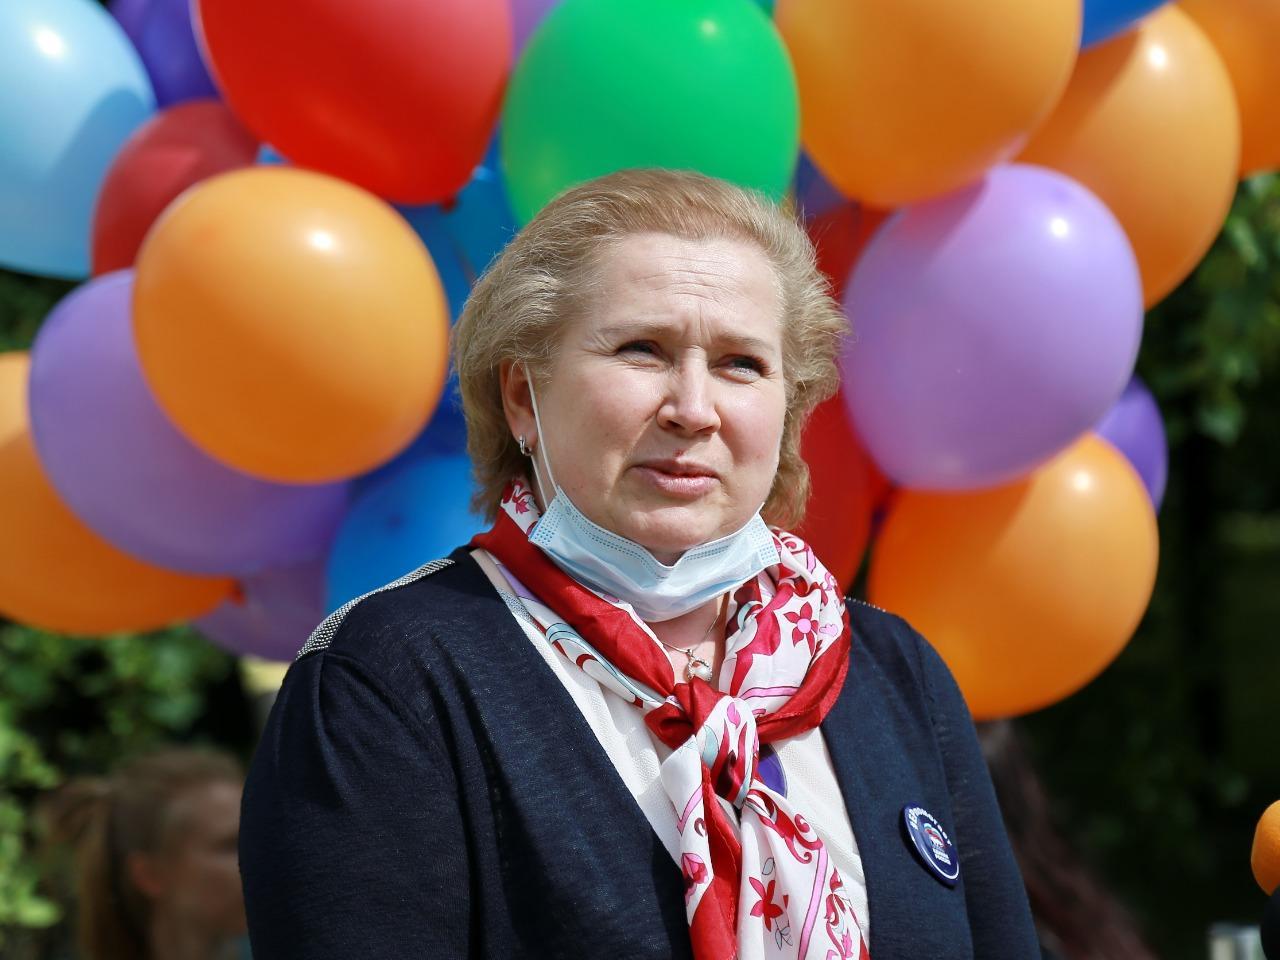 фото Праздник с мыльными пузырями и воздушными шарами устроили для детей с коронавирусом в Новосибирске 6